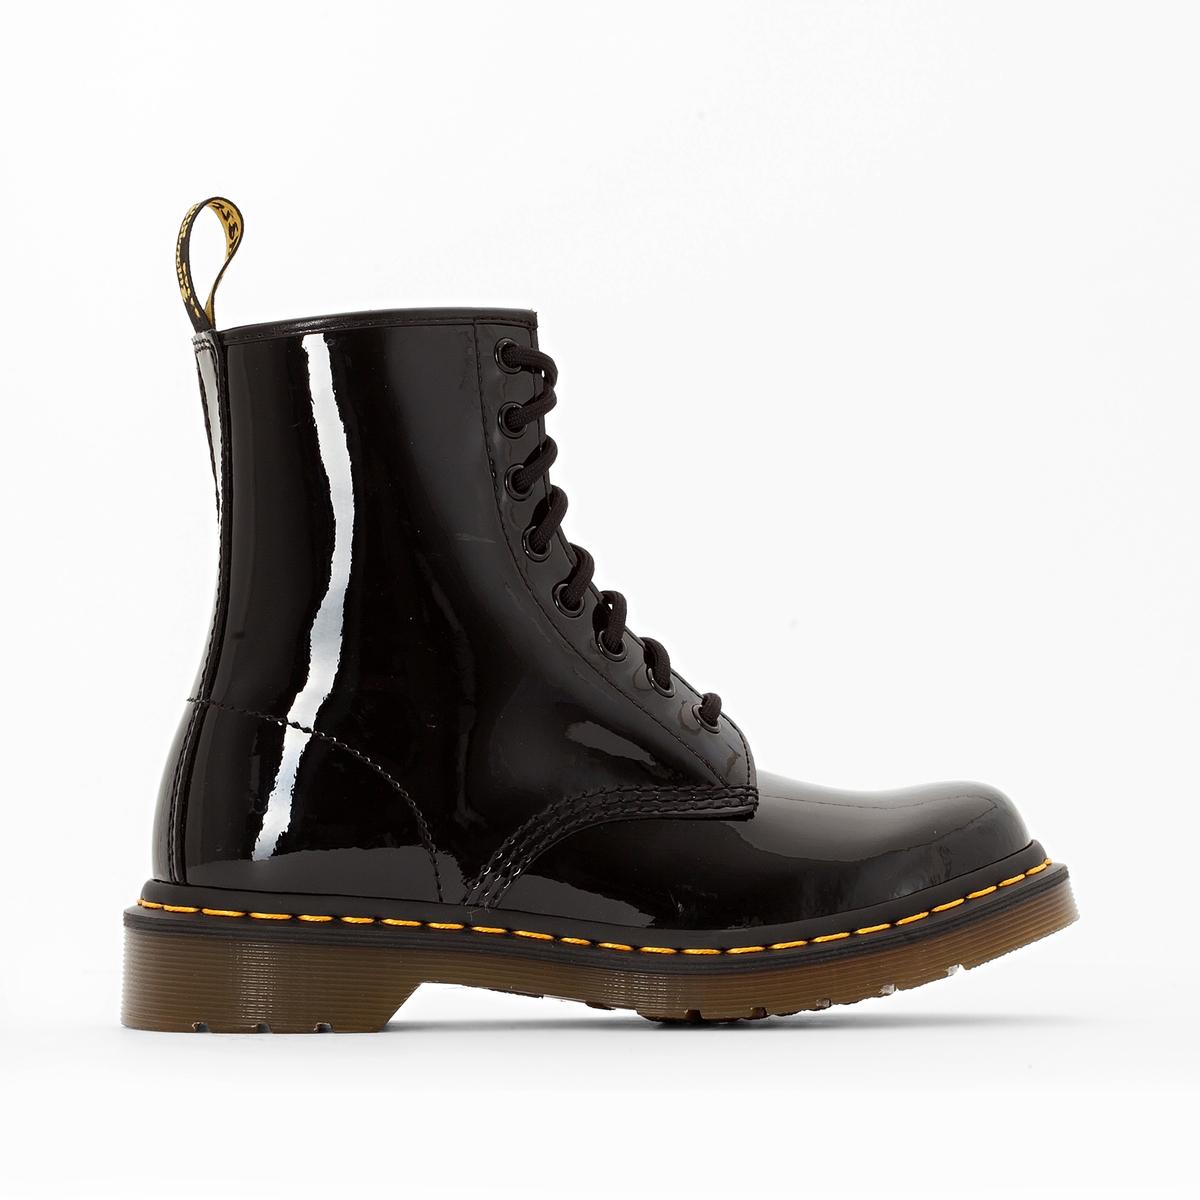 мокасины la redoute кожаные лакированные с кисточками размеры 32 черный Ботинки LaRedoute Кожаные лакированные модель 1460 43 черный